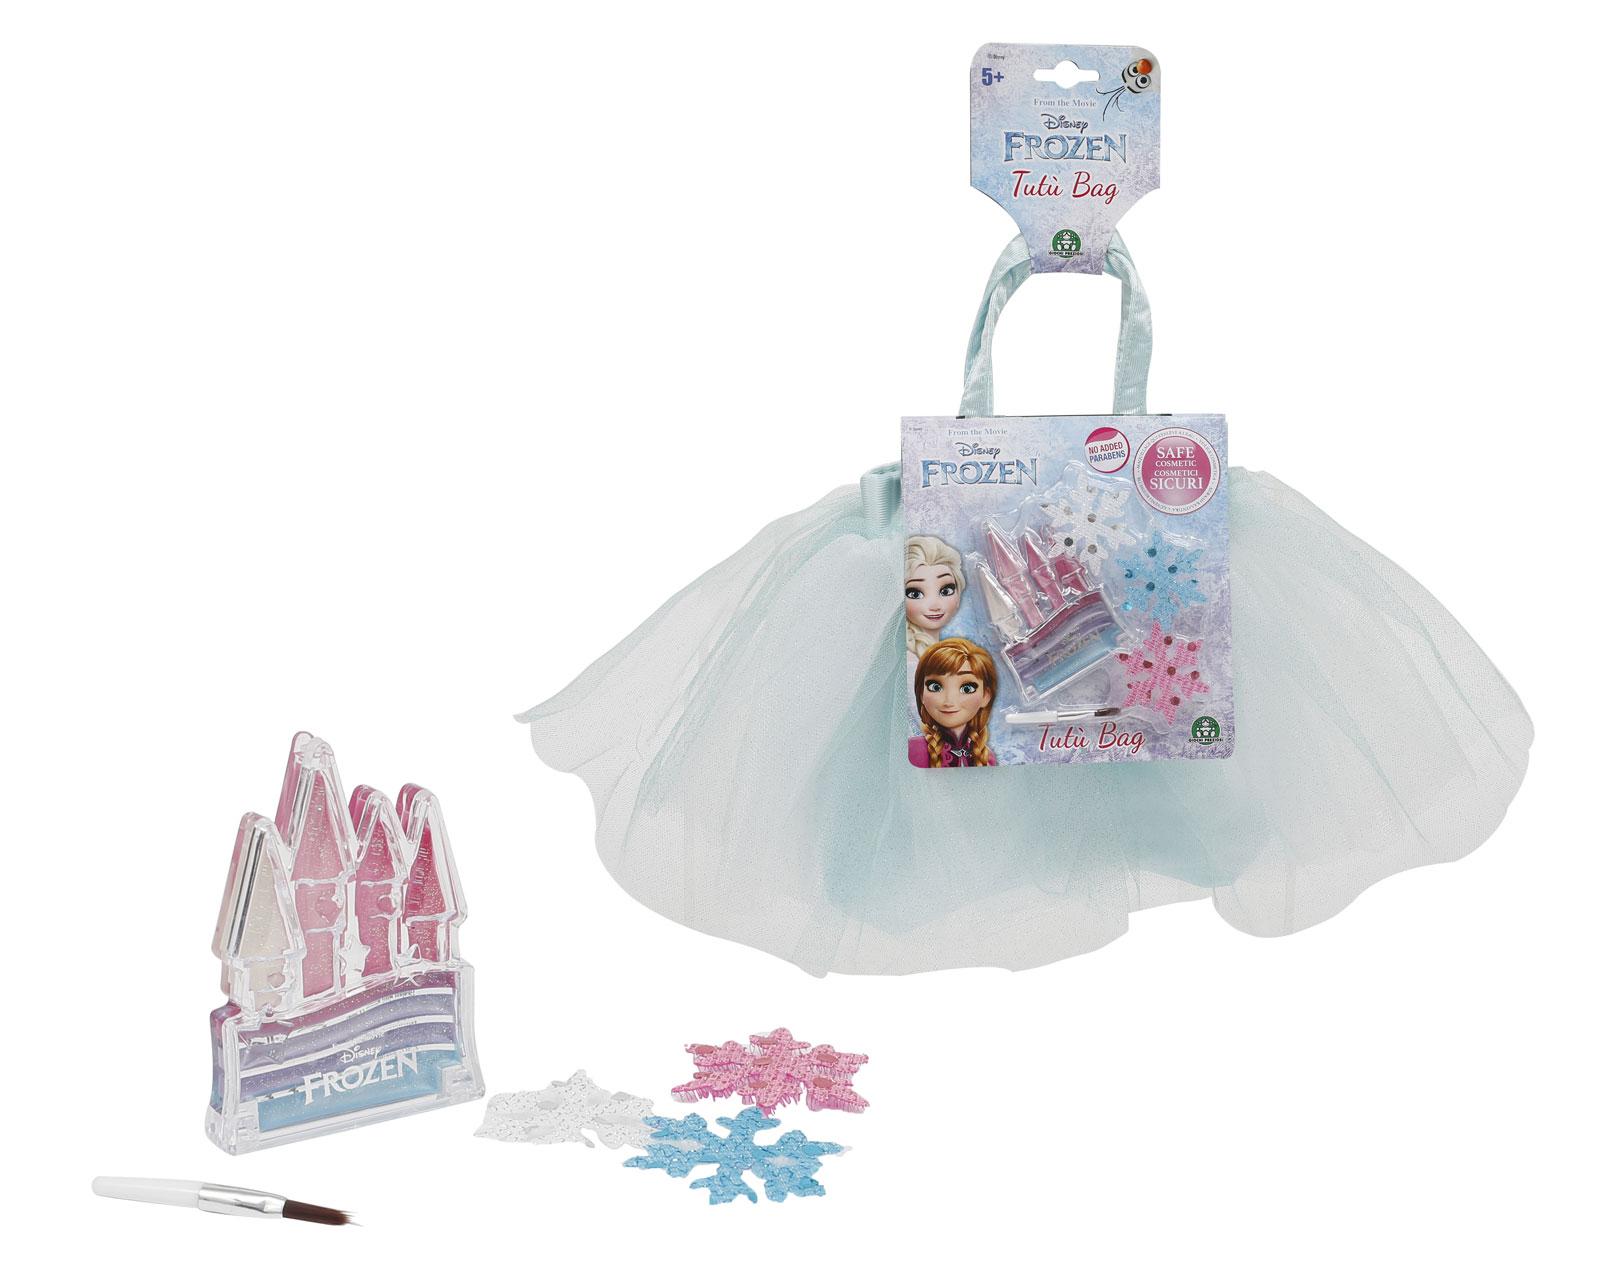 Geanta magica TuTu Disney Frozen imagine hippoland.ro